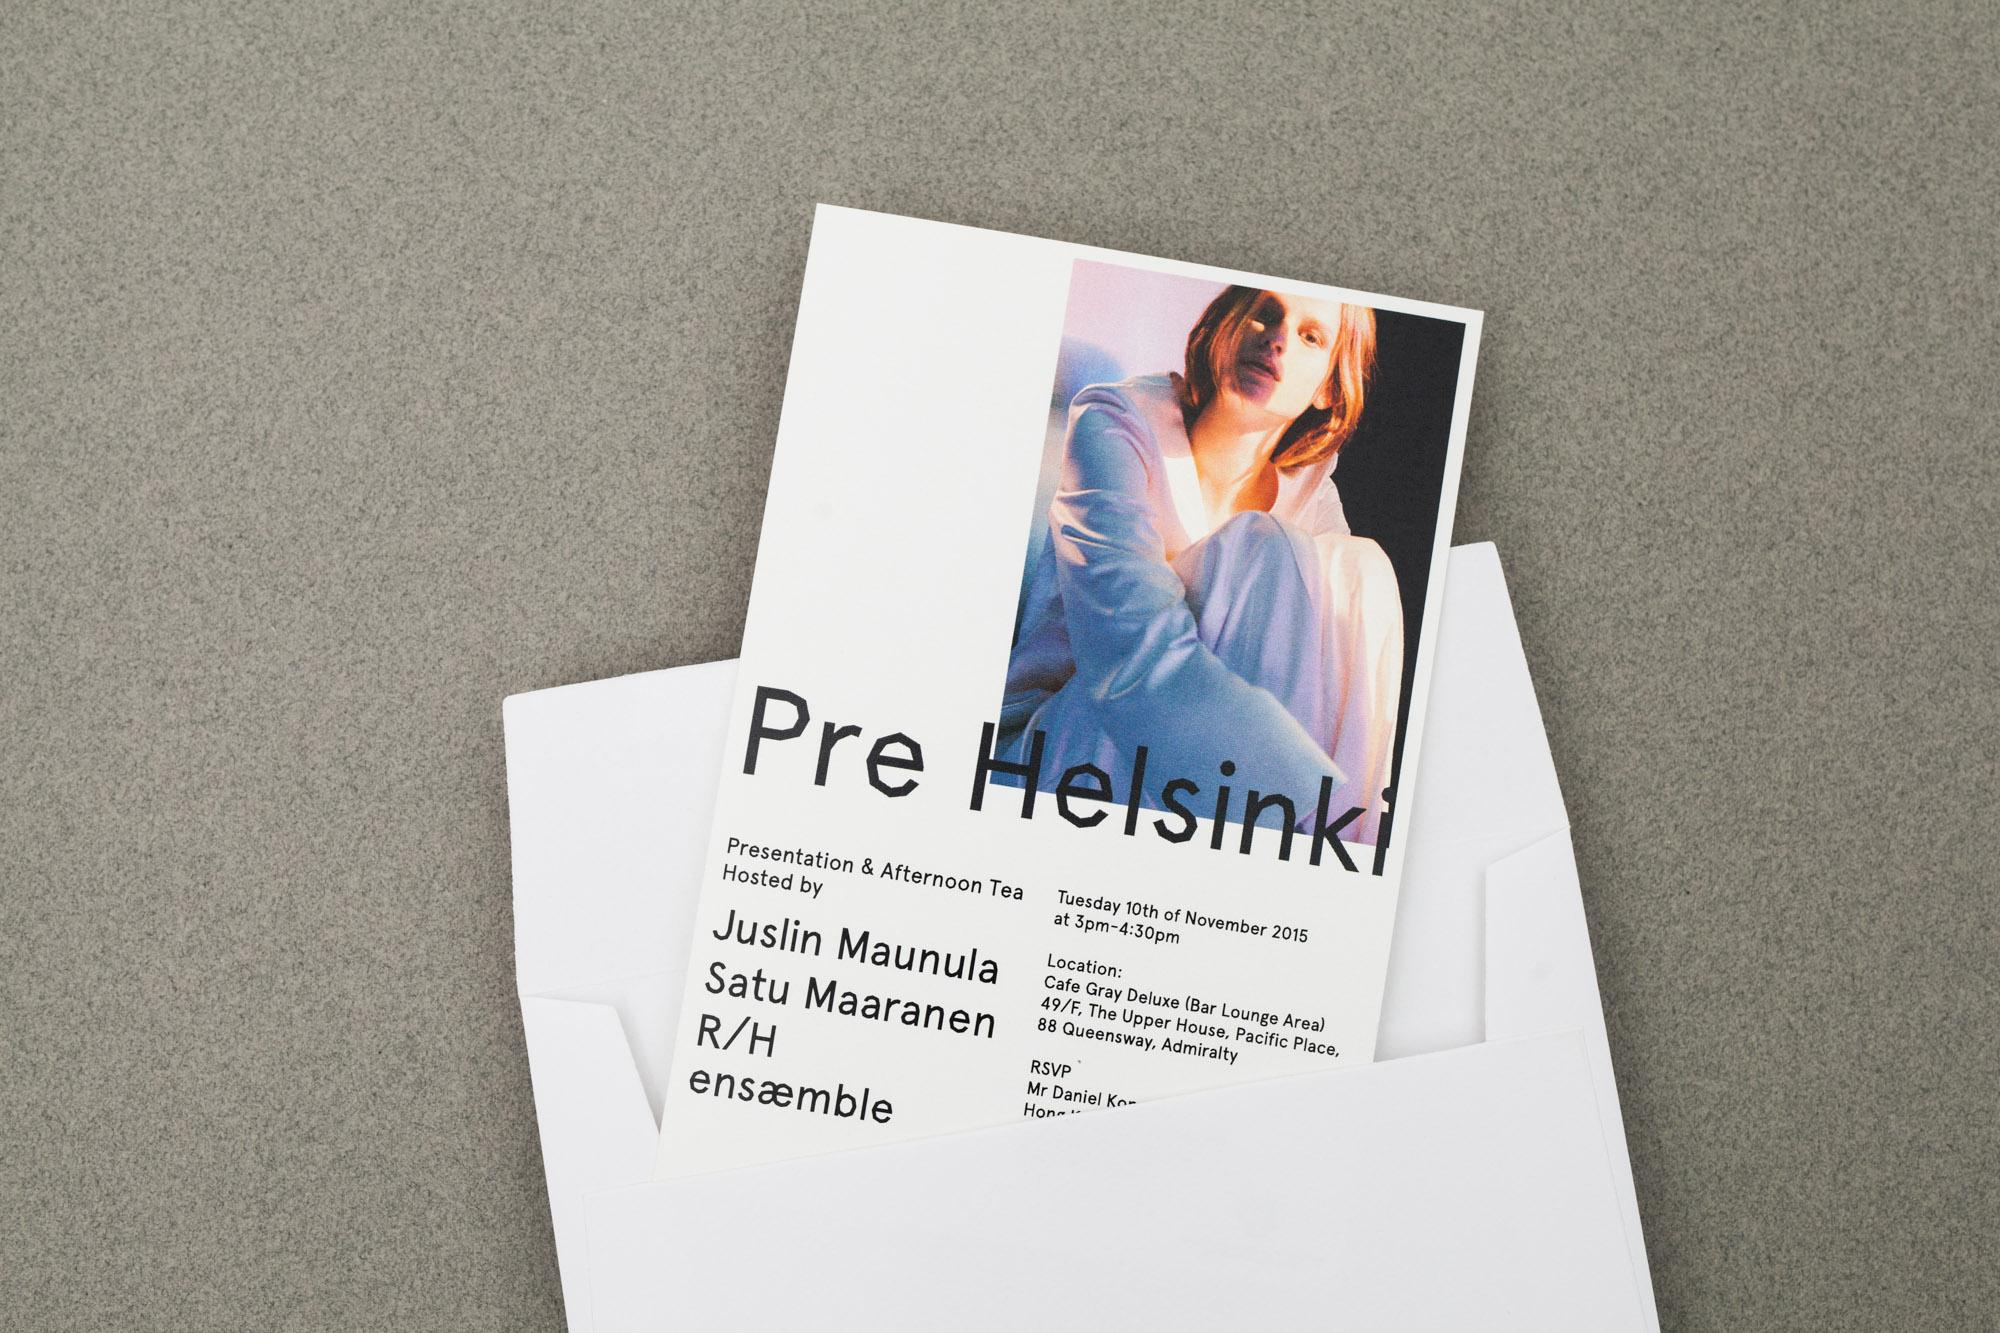 Pre Helsinki 2